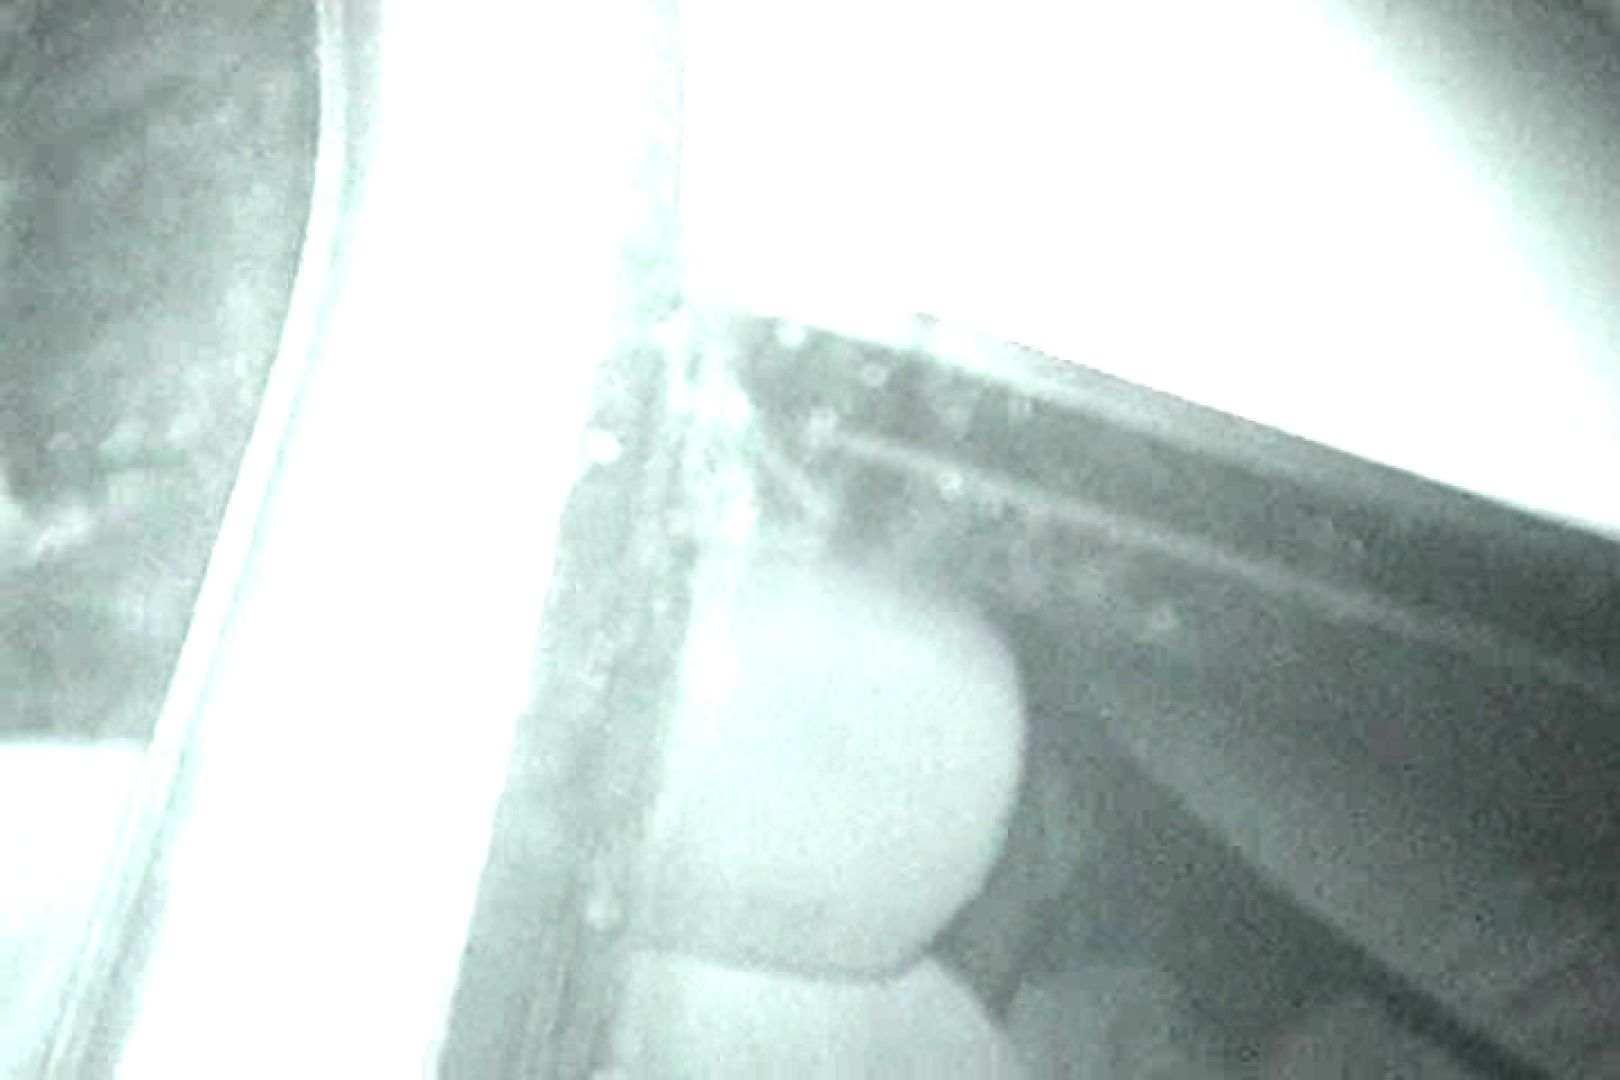 「充血監督」さんの深夜の運動会!! vol.001 赤外線 | カーセックス  72連発 41